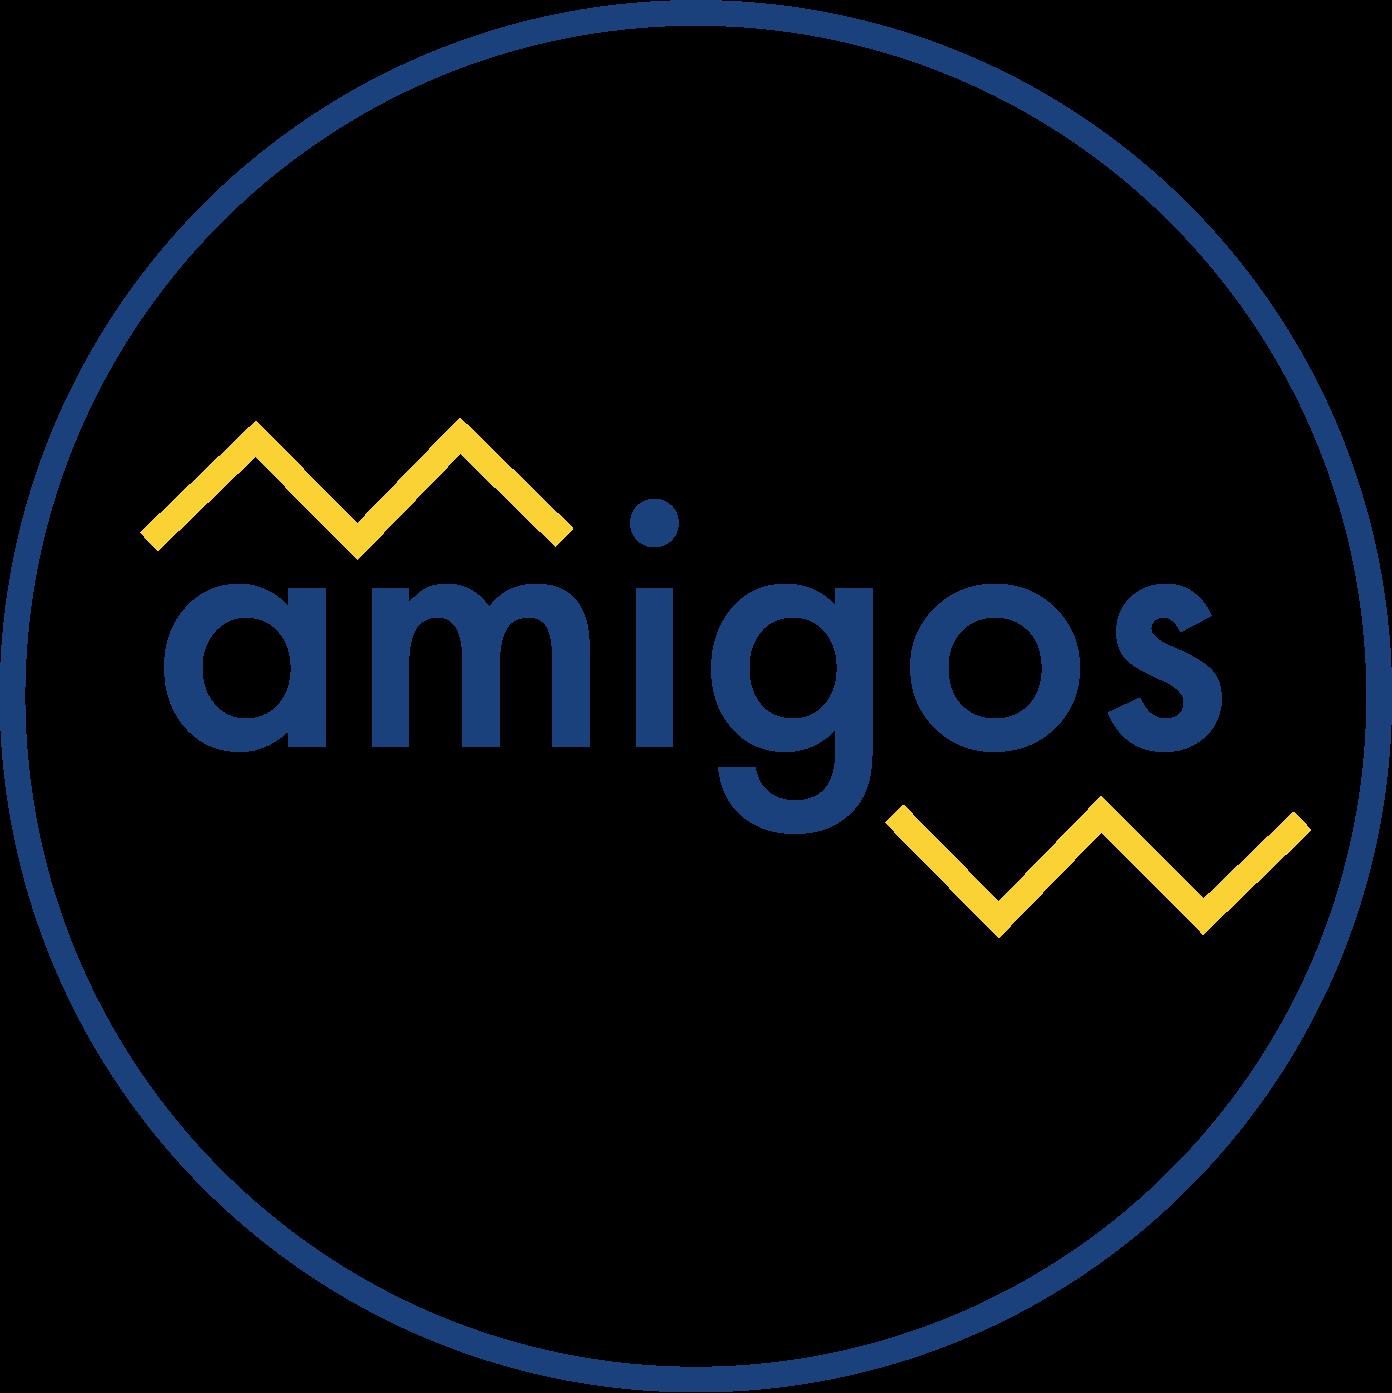 Amigos logo